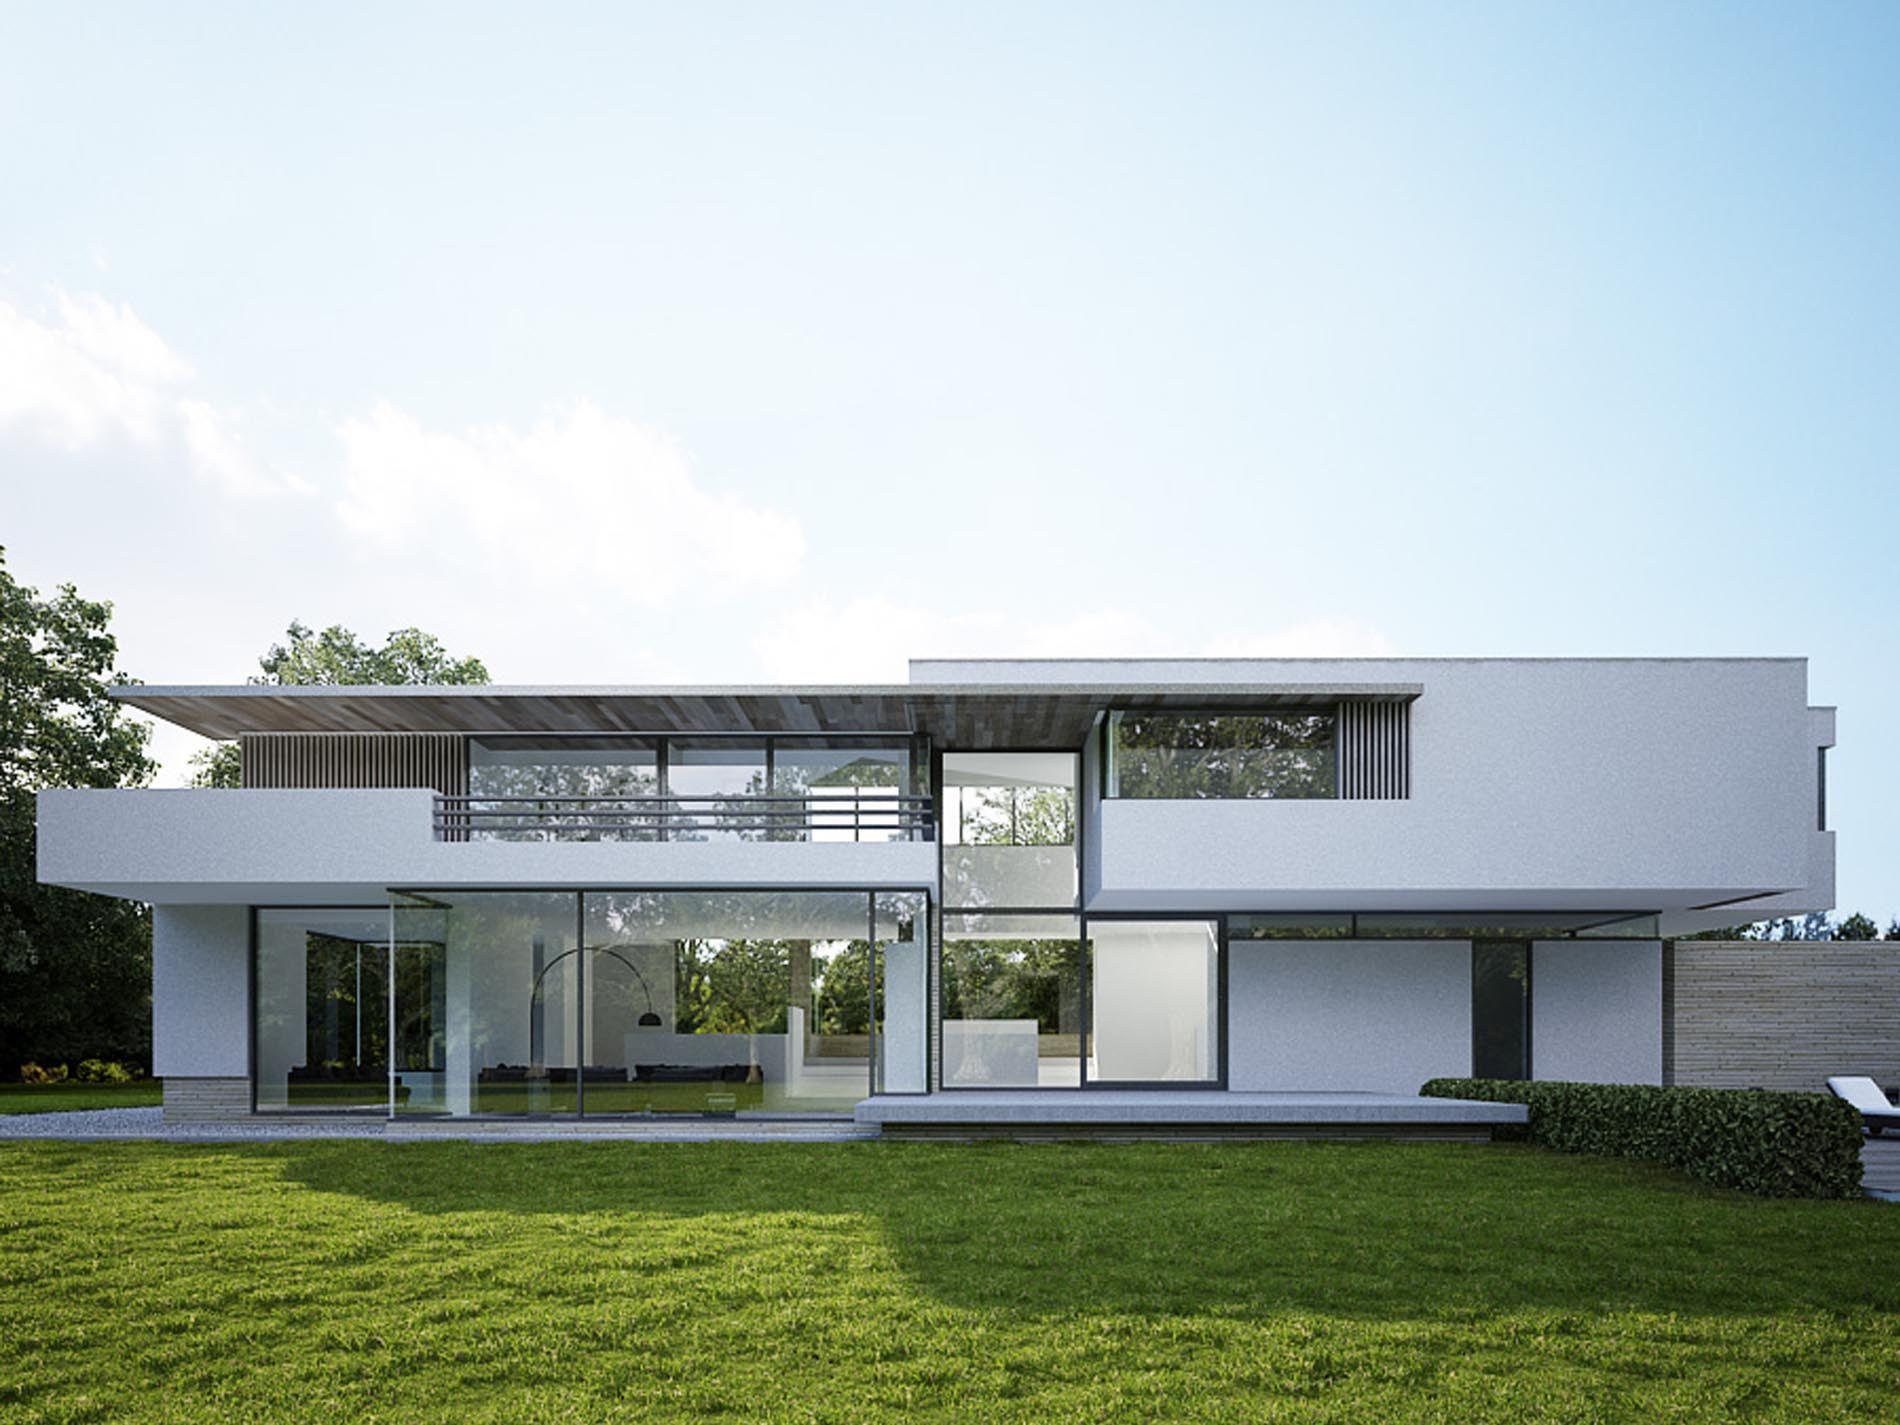 Maas architecten woonhuis lochem architectuur haus for Hedendaagse architecten